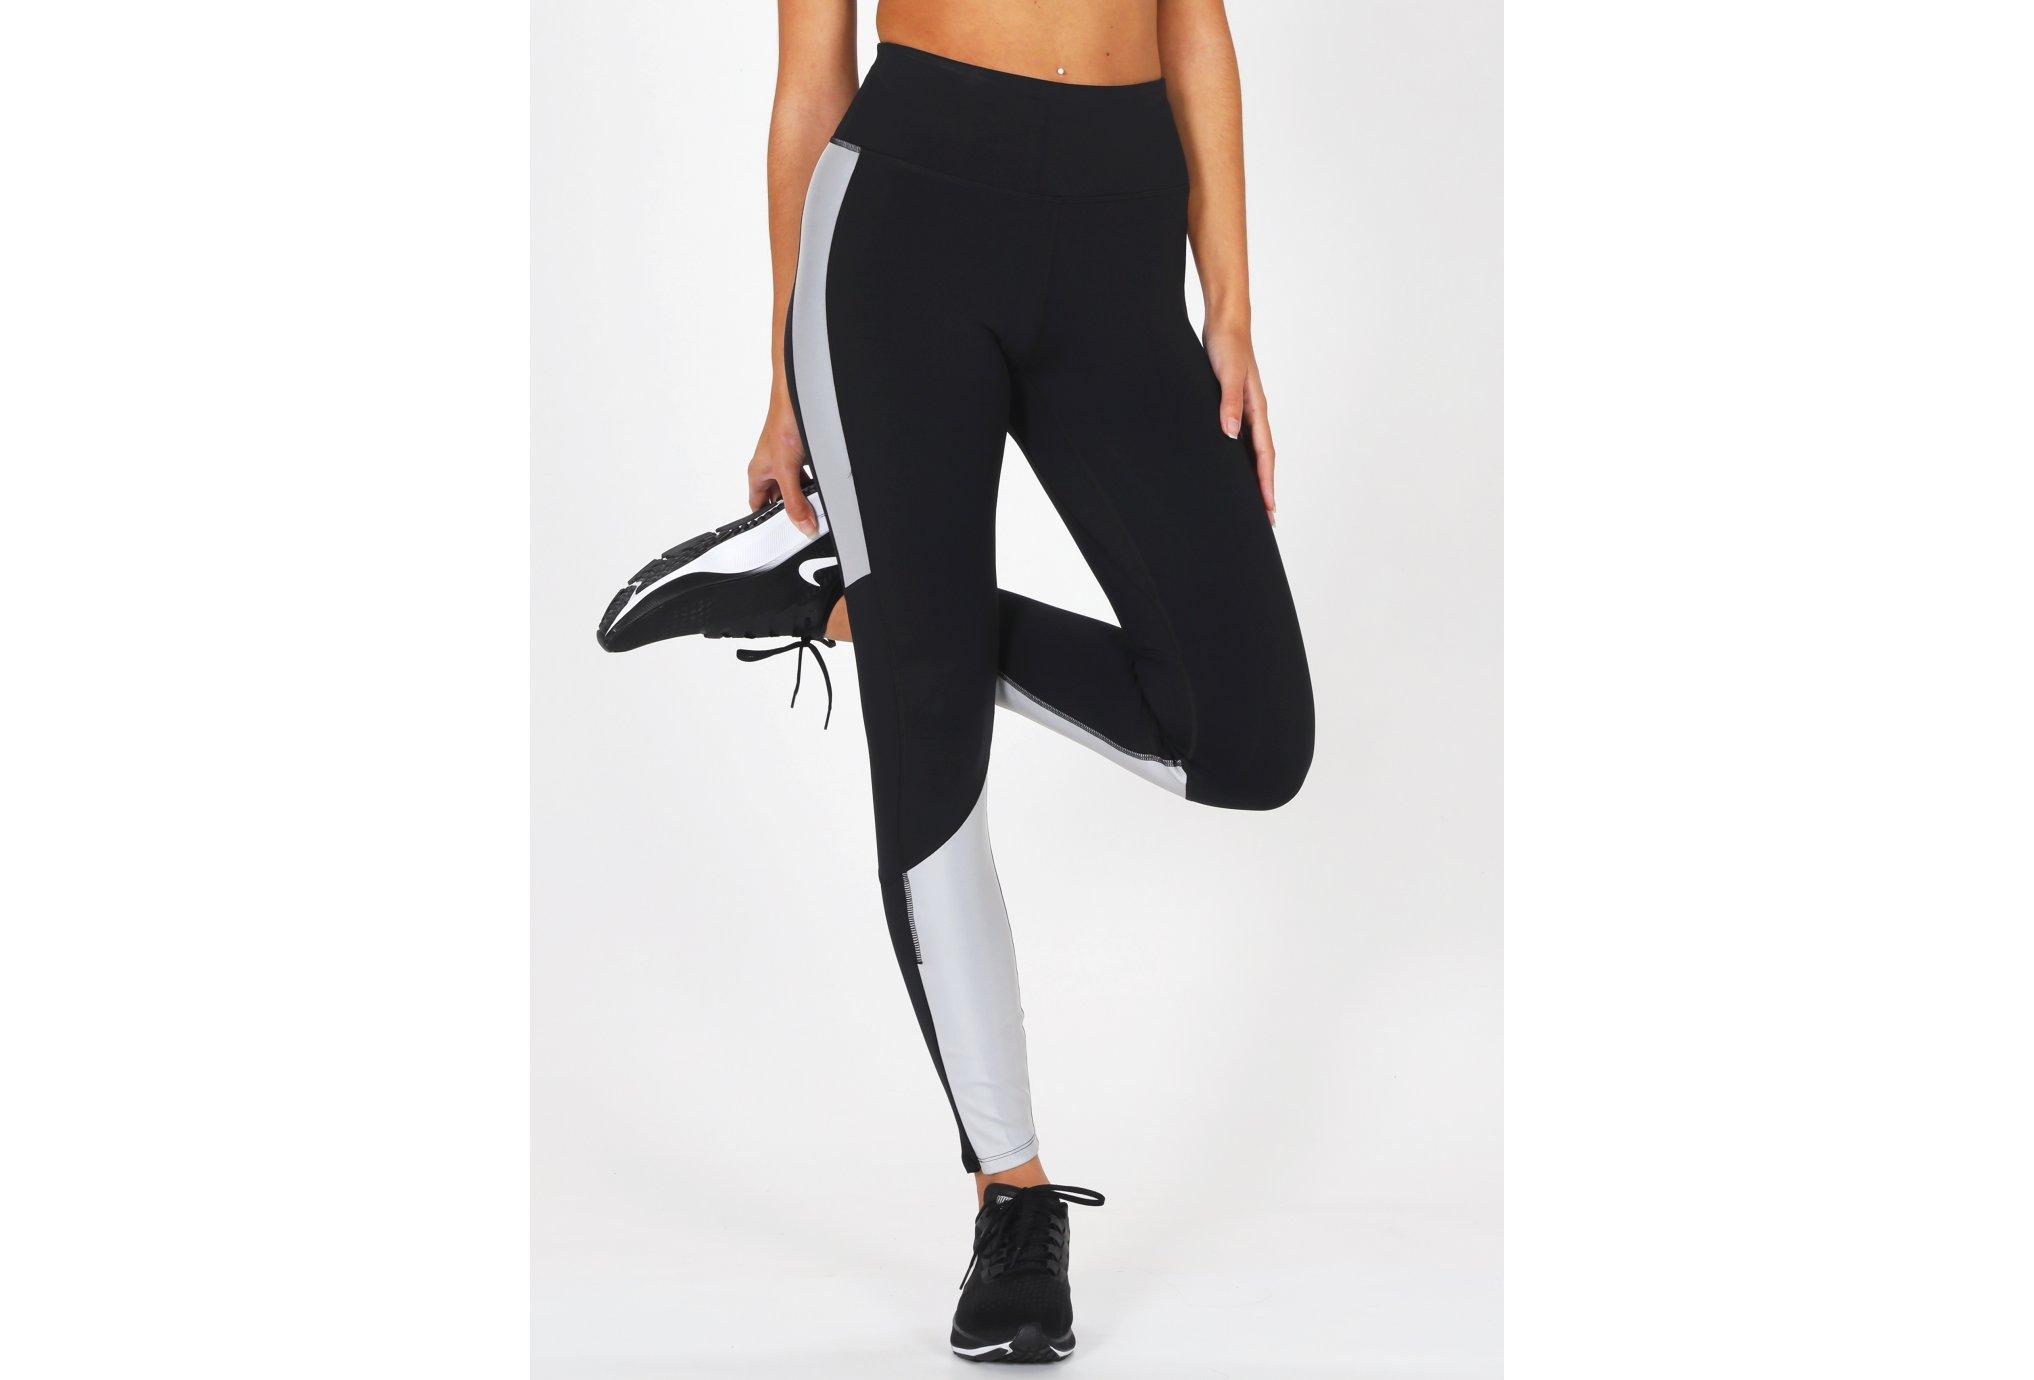 Nike Epic Lux Run Division Flash W Diététique Vêtements femme